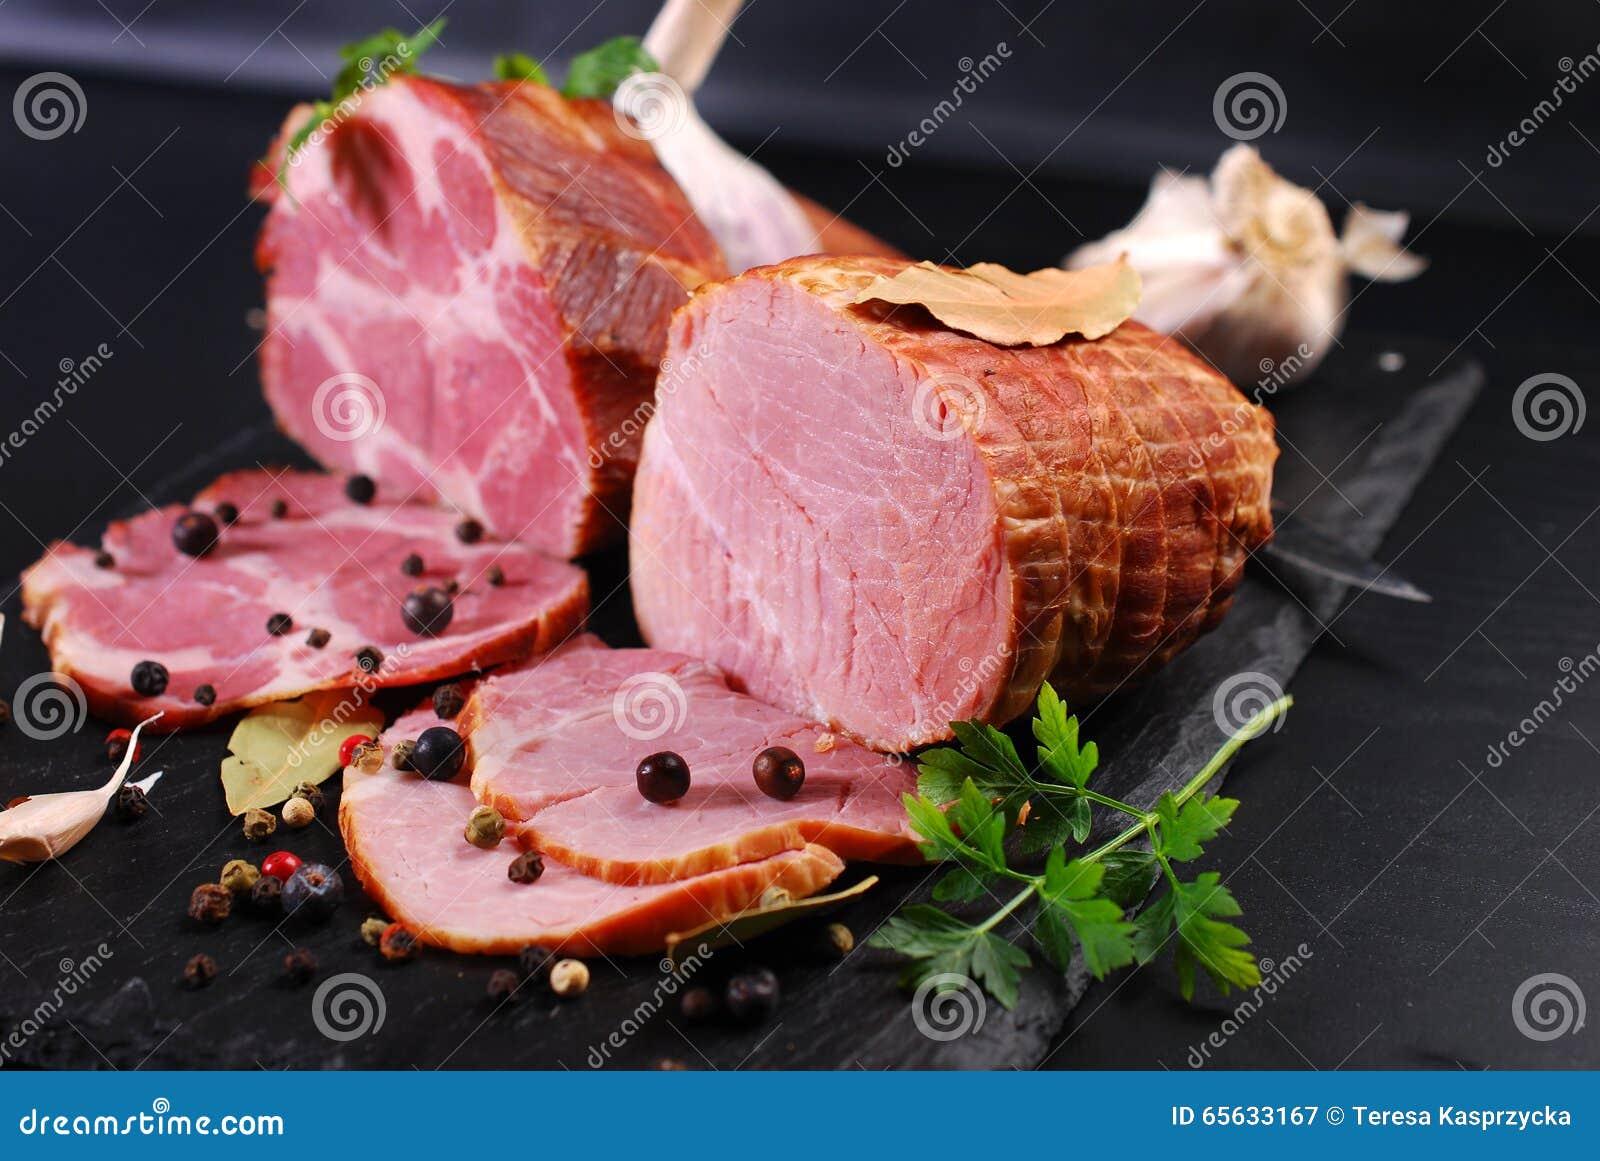 Morceaux de jambon fumé fait maison de porc sur le fond noir